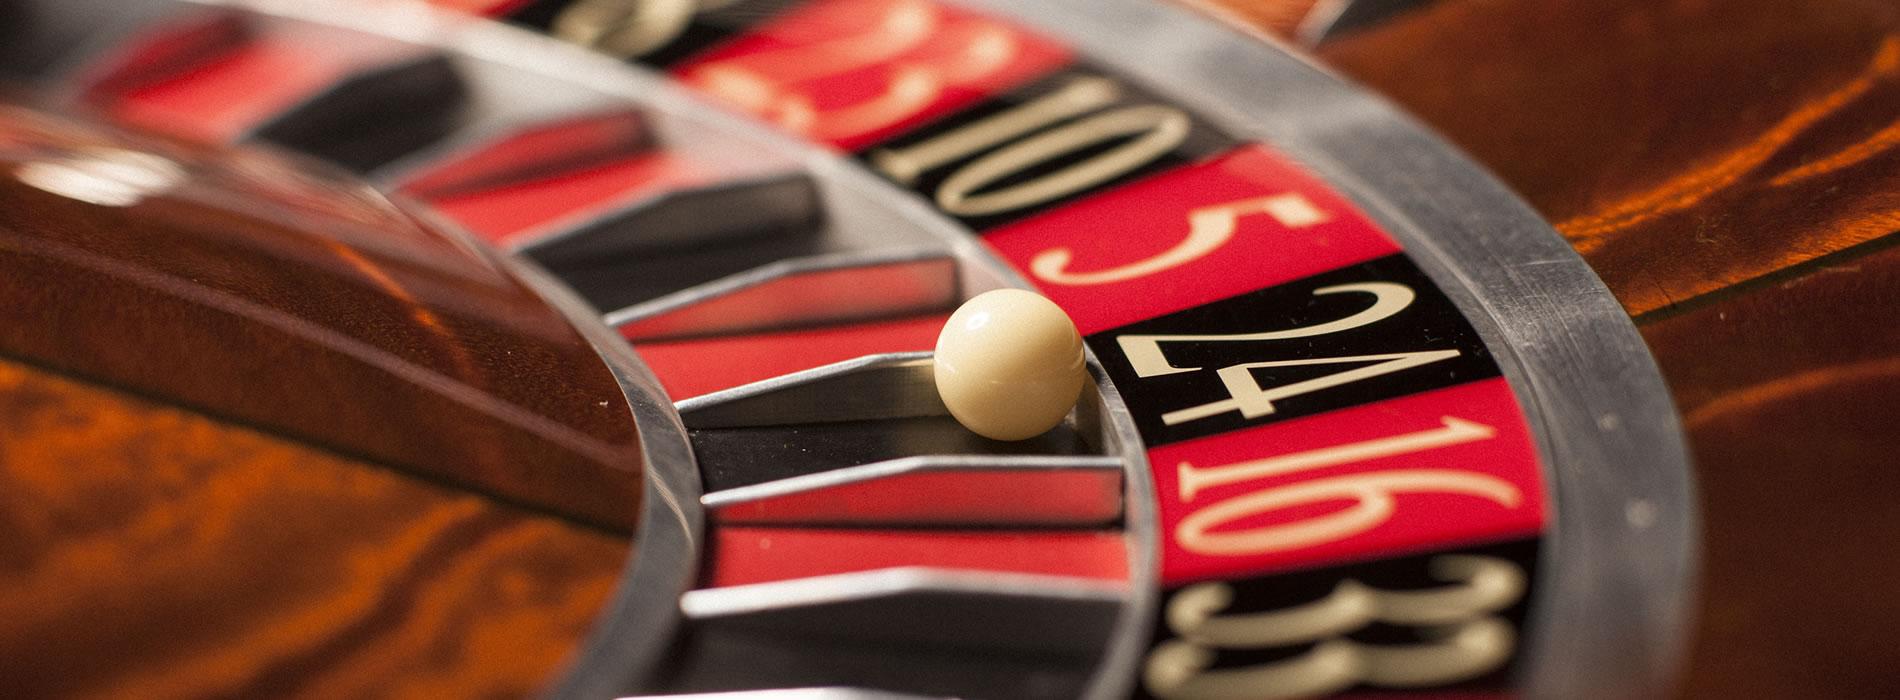 Des jeux casino pour un maximum de confort